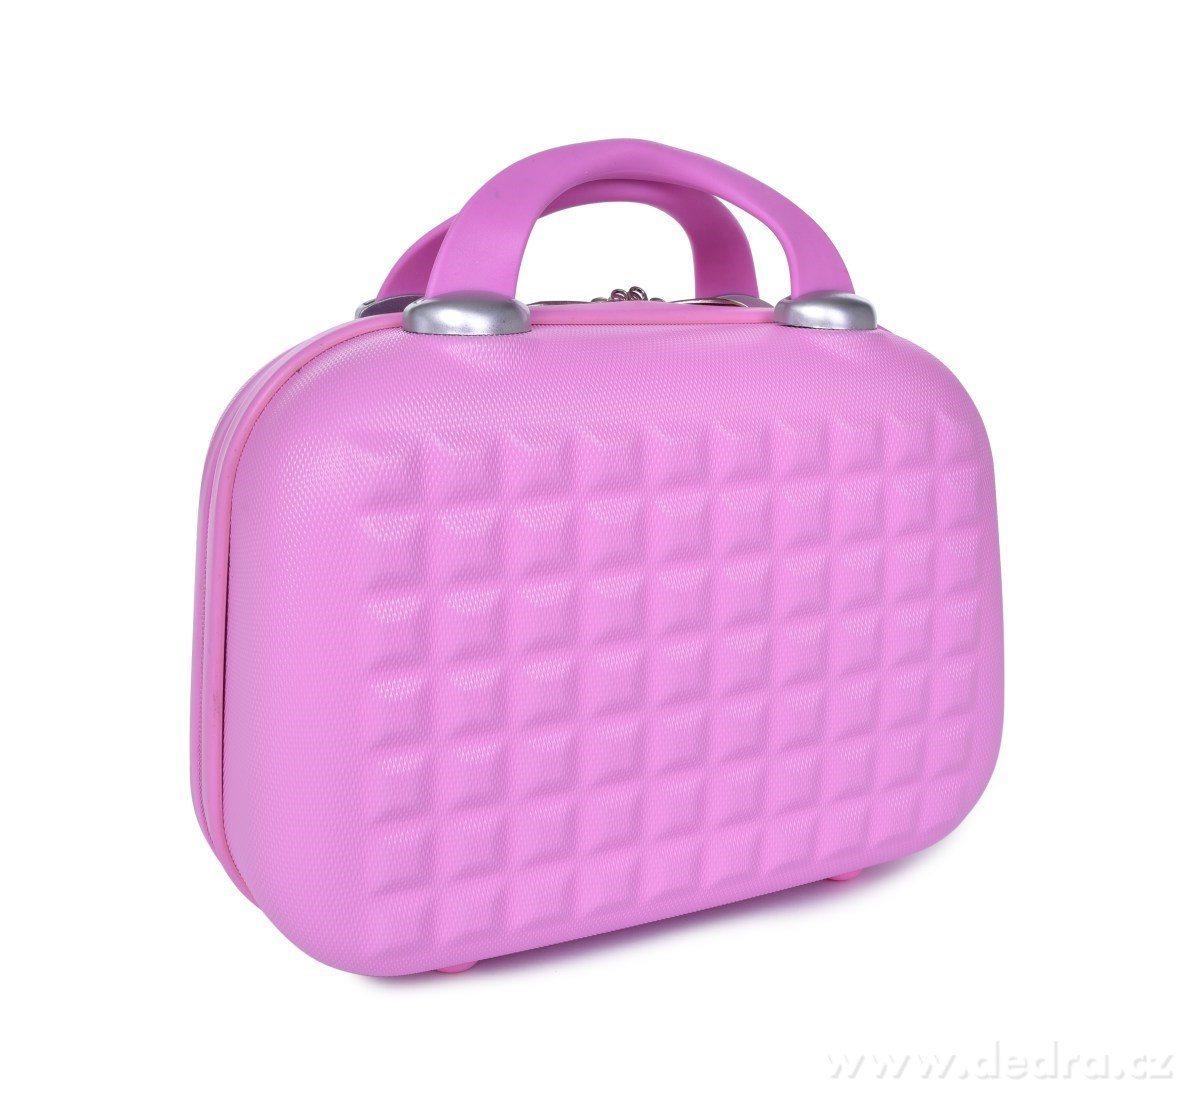 Dedra Kufr příruční menší Pastel pink 30 x 15 x 21 cm